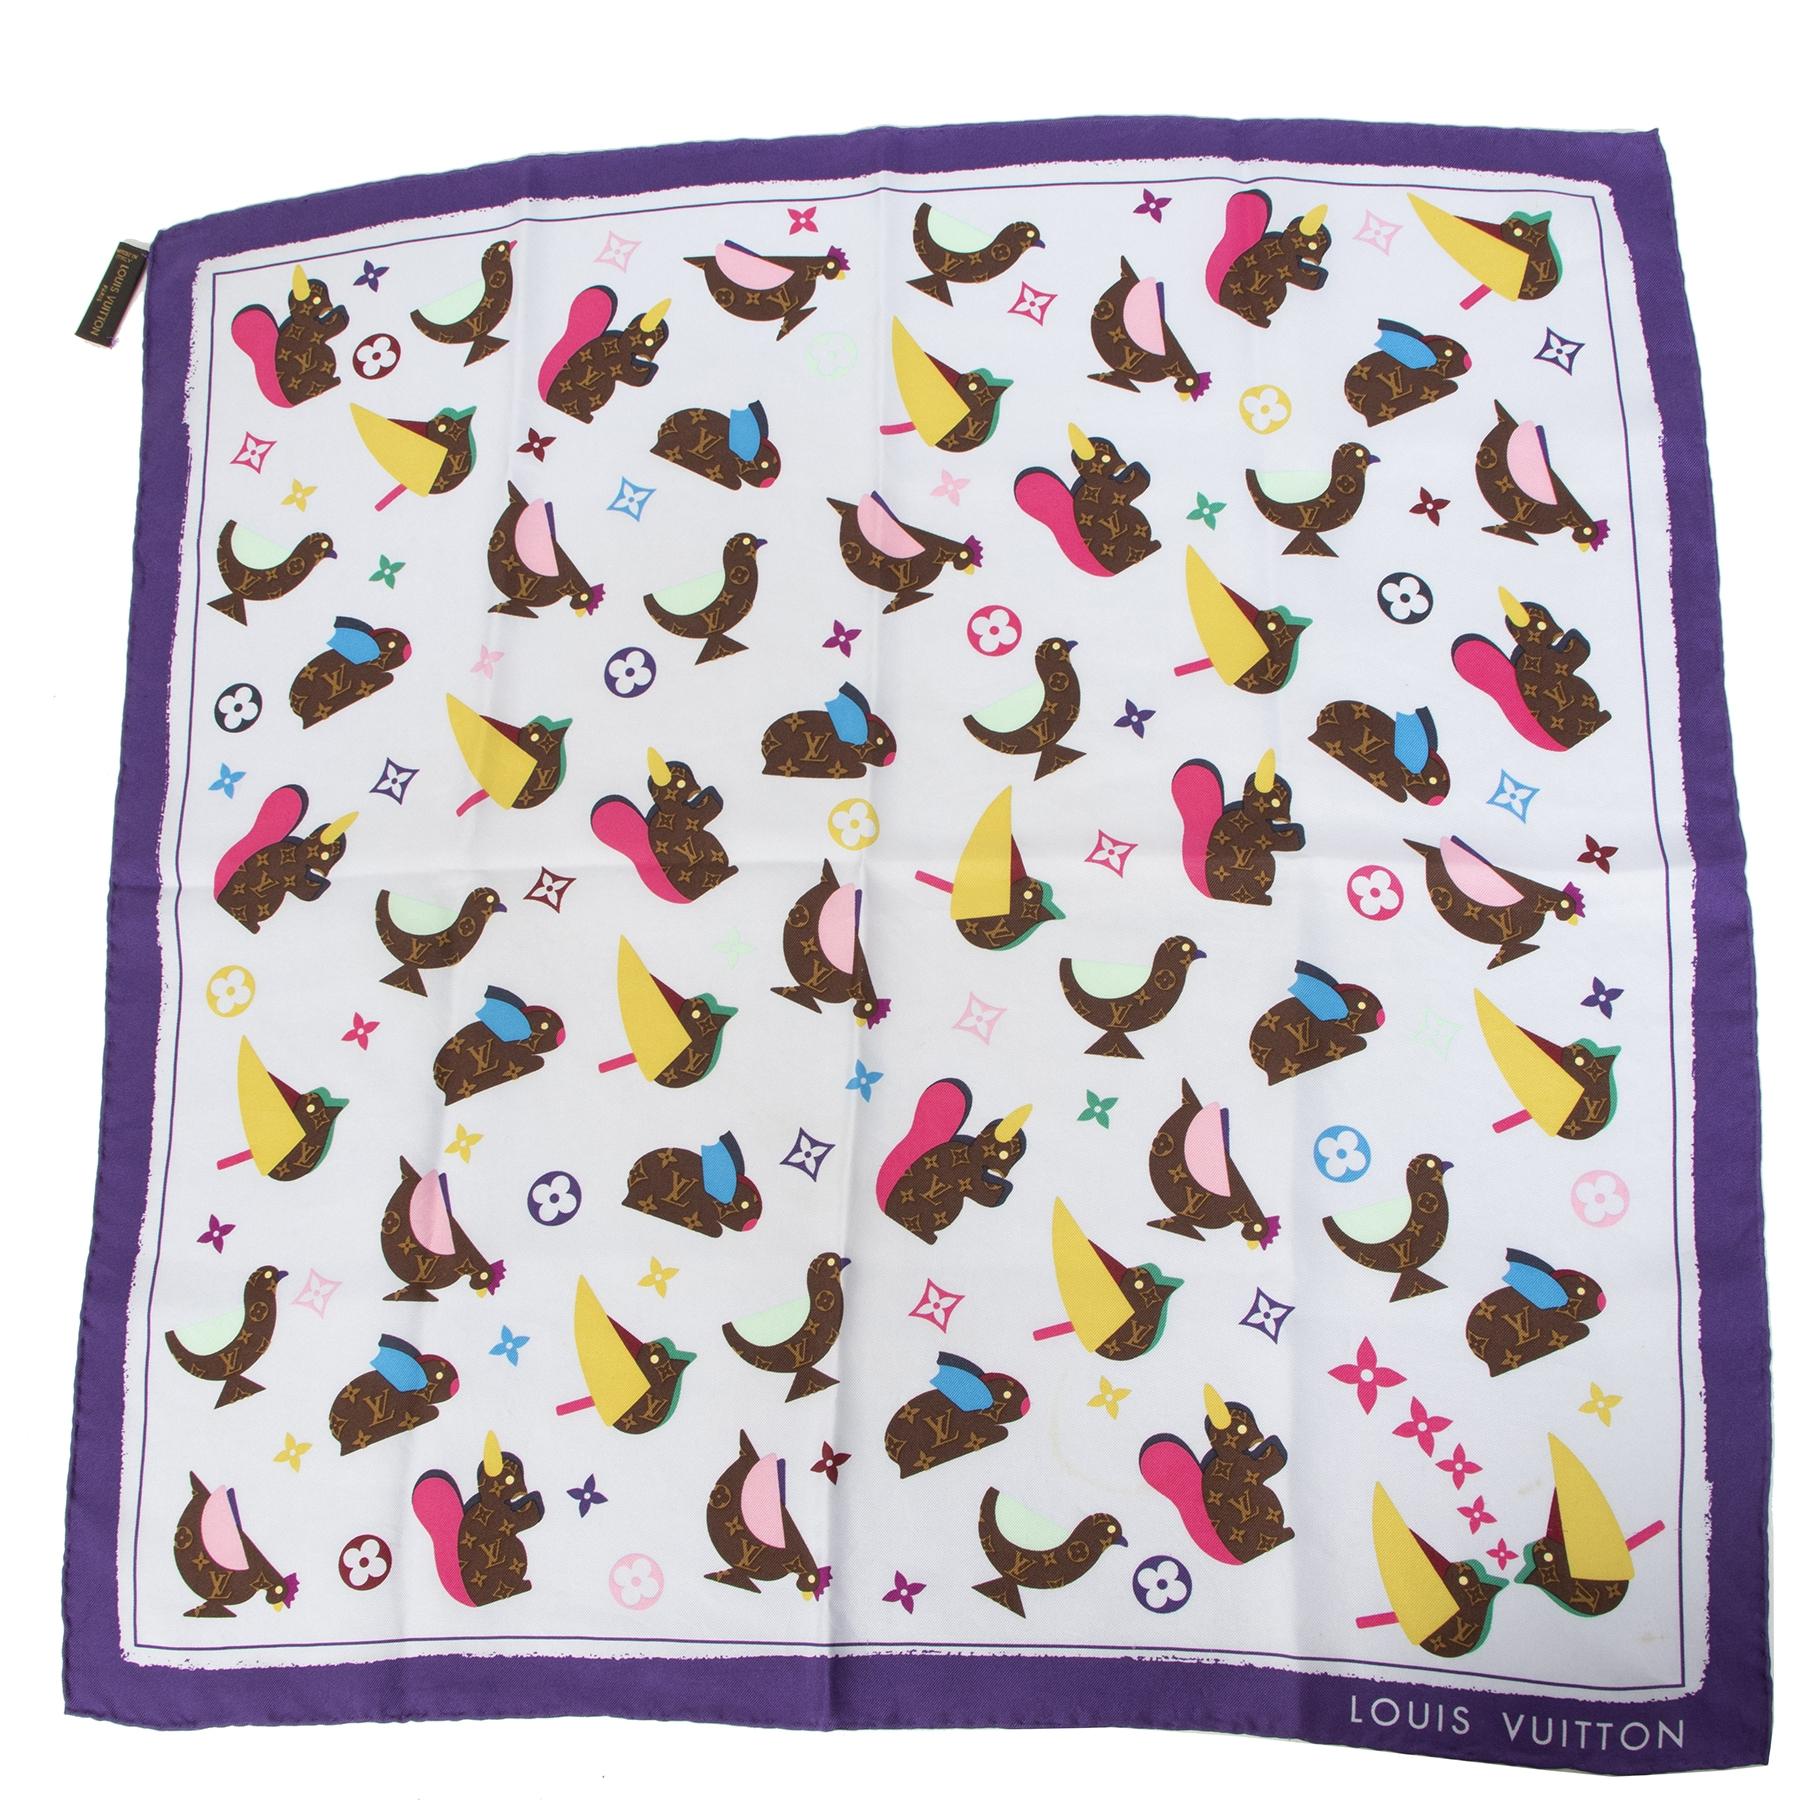 Koop tweedehands Louis Vuitton sjaaltjes aan de juiste prijs veilig online bij LabelLOV Antwerpen.